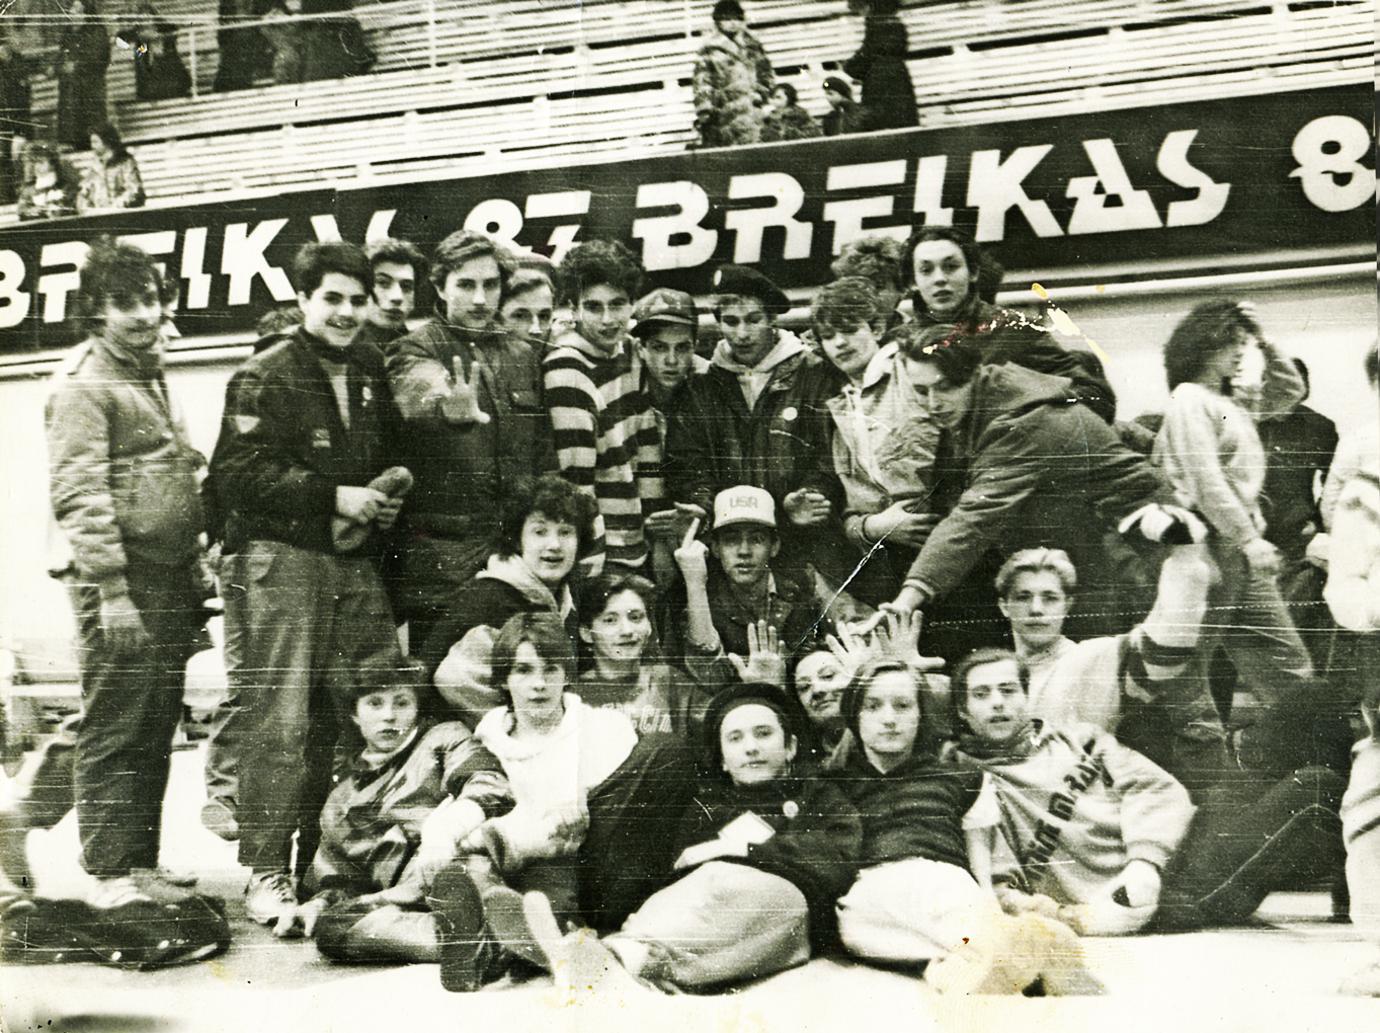 История брейка, фото из личного архива Николая Андреева, dozado